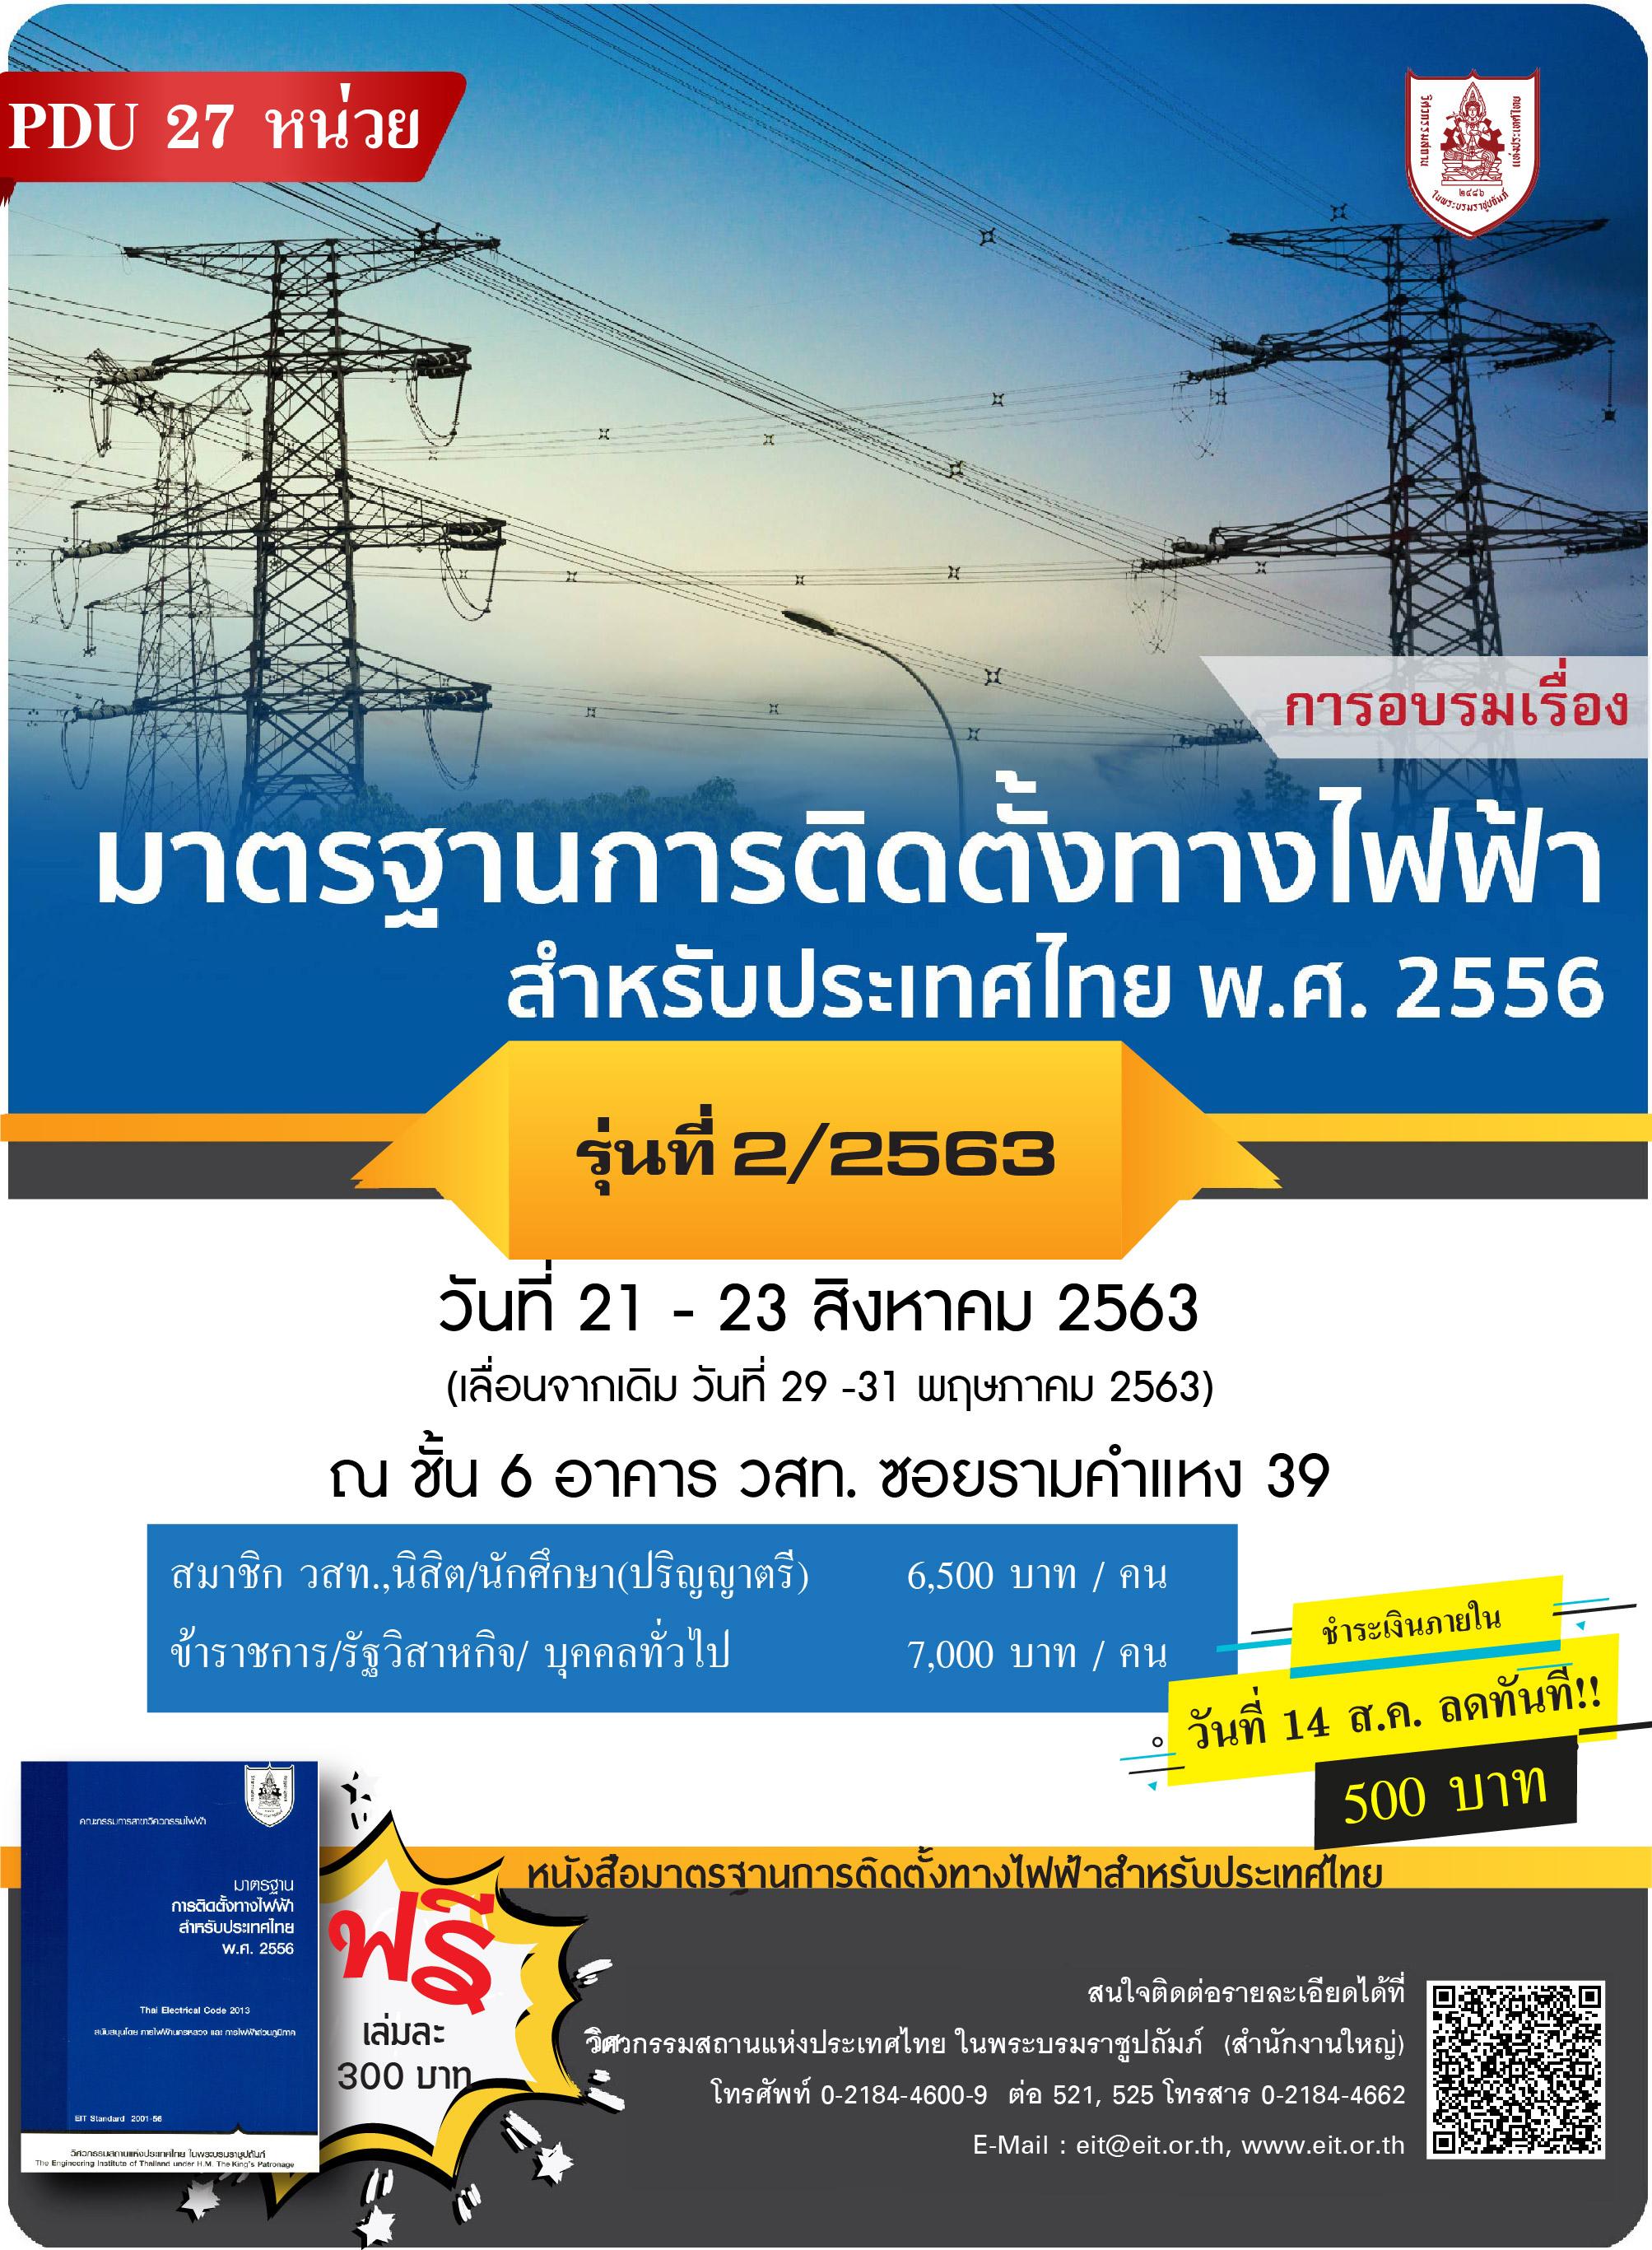 21-23/8/63การอบรมเรื่อง  มาตรฐานการติดตั้งทางไฟฟ้าสำหรับประเทศไทย พ.ศ. 2556   รุ่นที่ 2/2563 ** เลื่อนเป็นวันที่ 21-23 สิงหาคม 2563